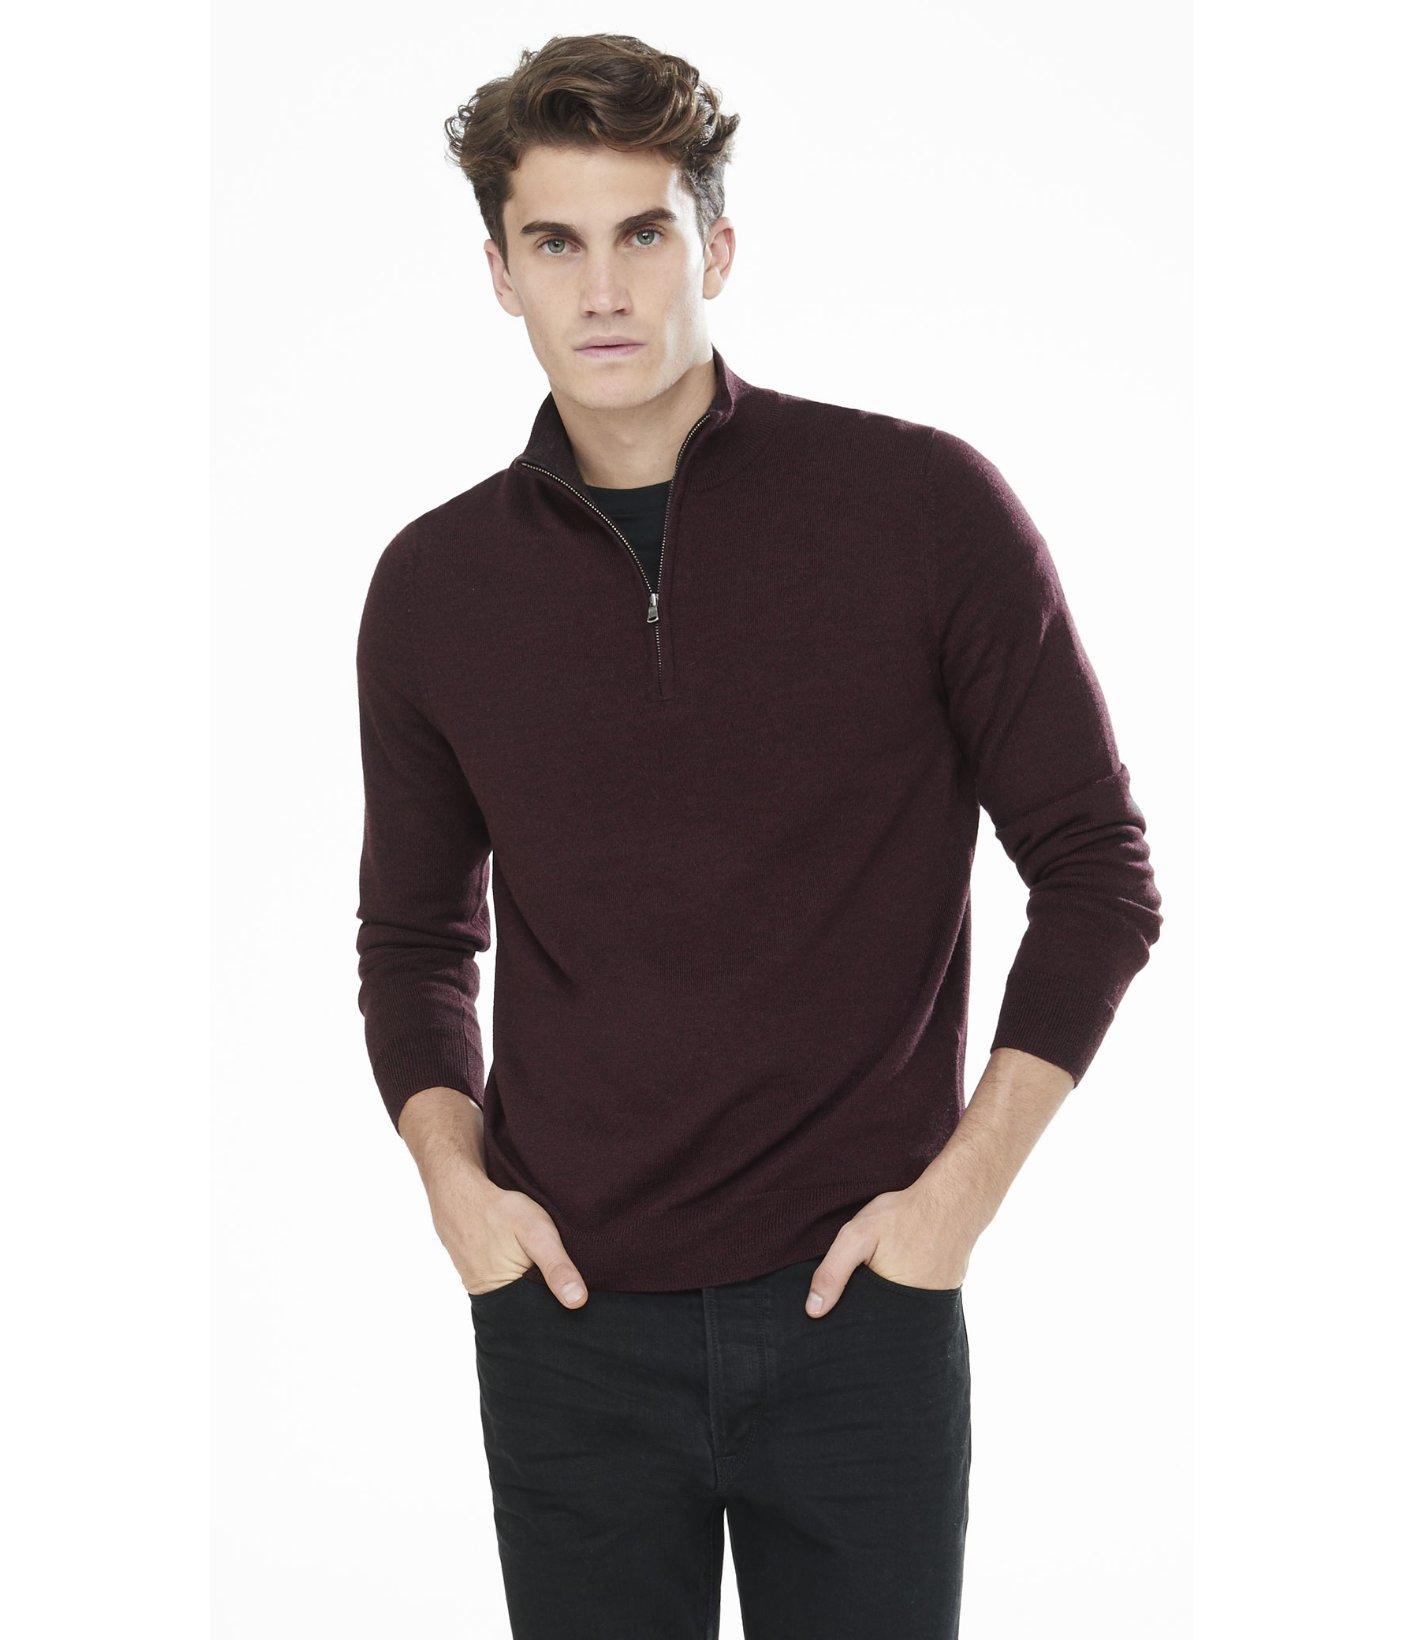 Merino Wool Zip Up Mock Neck Sweater 34